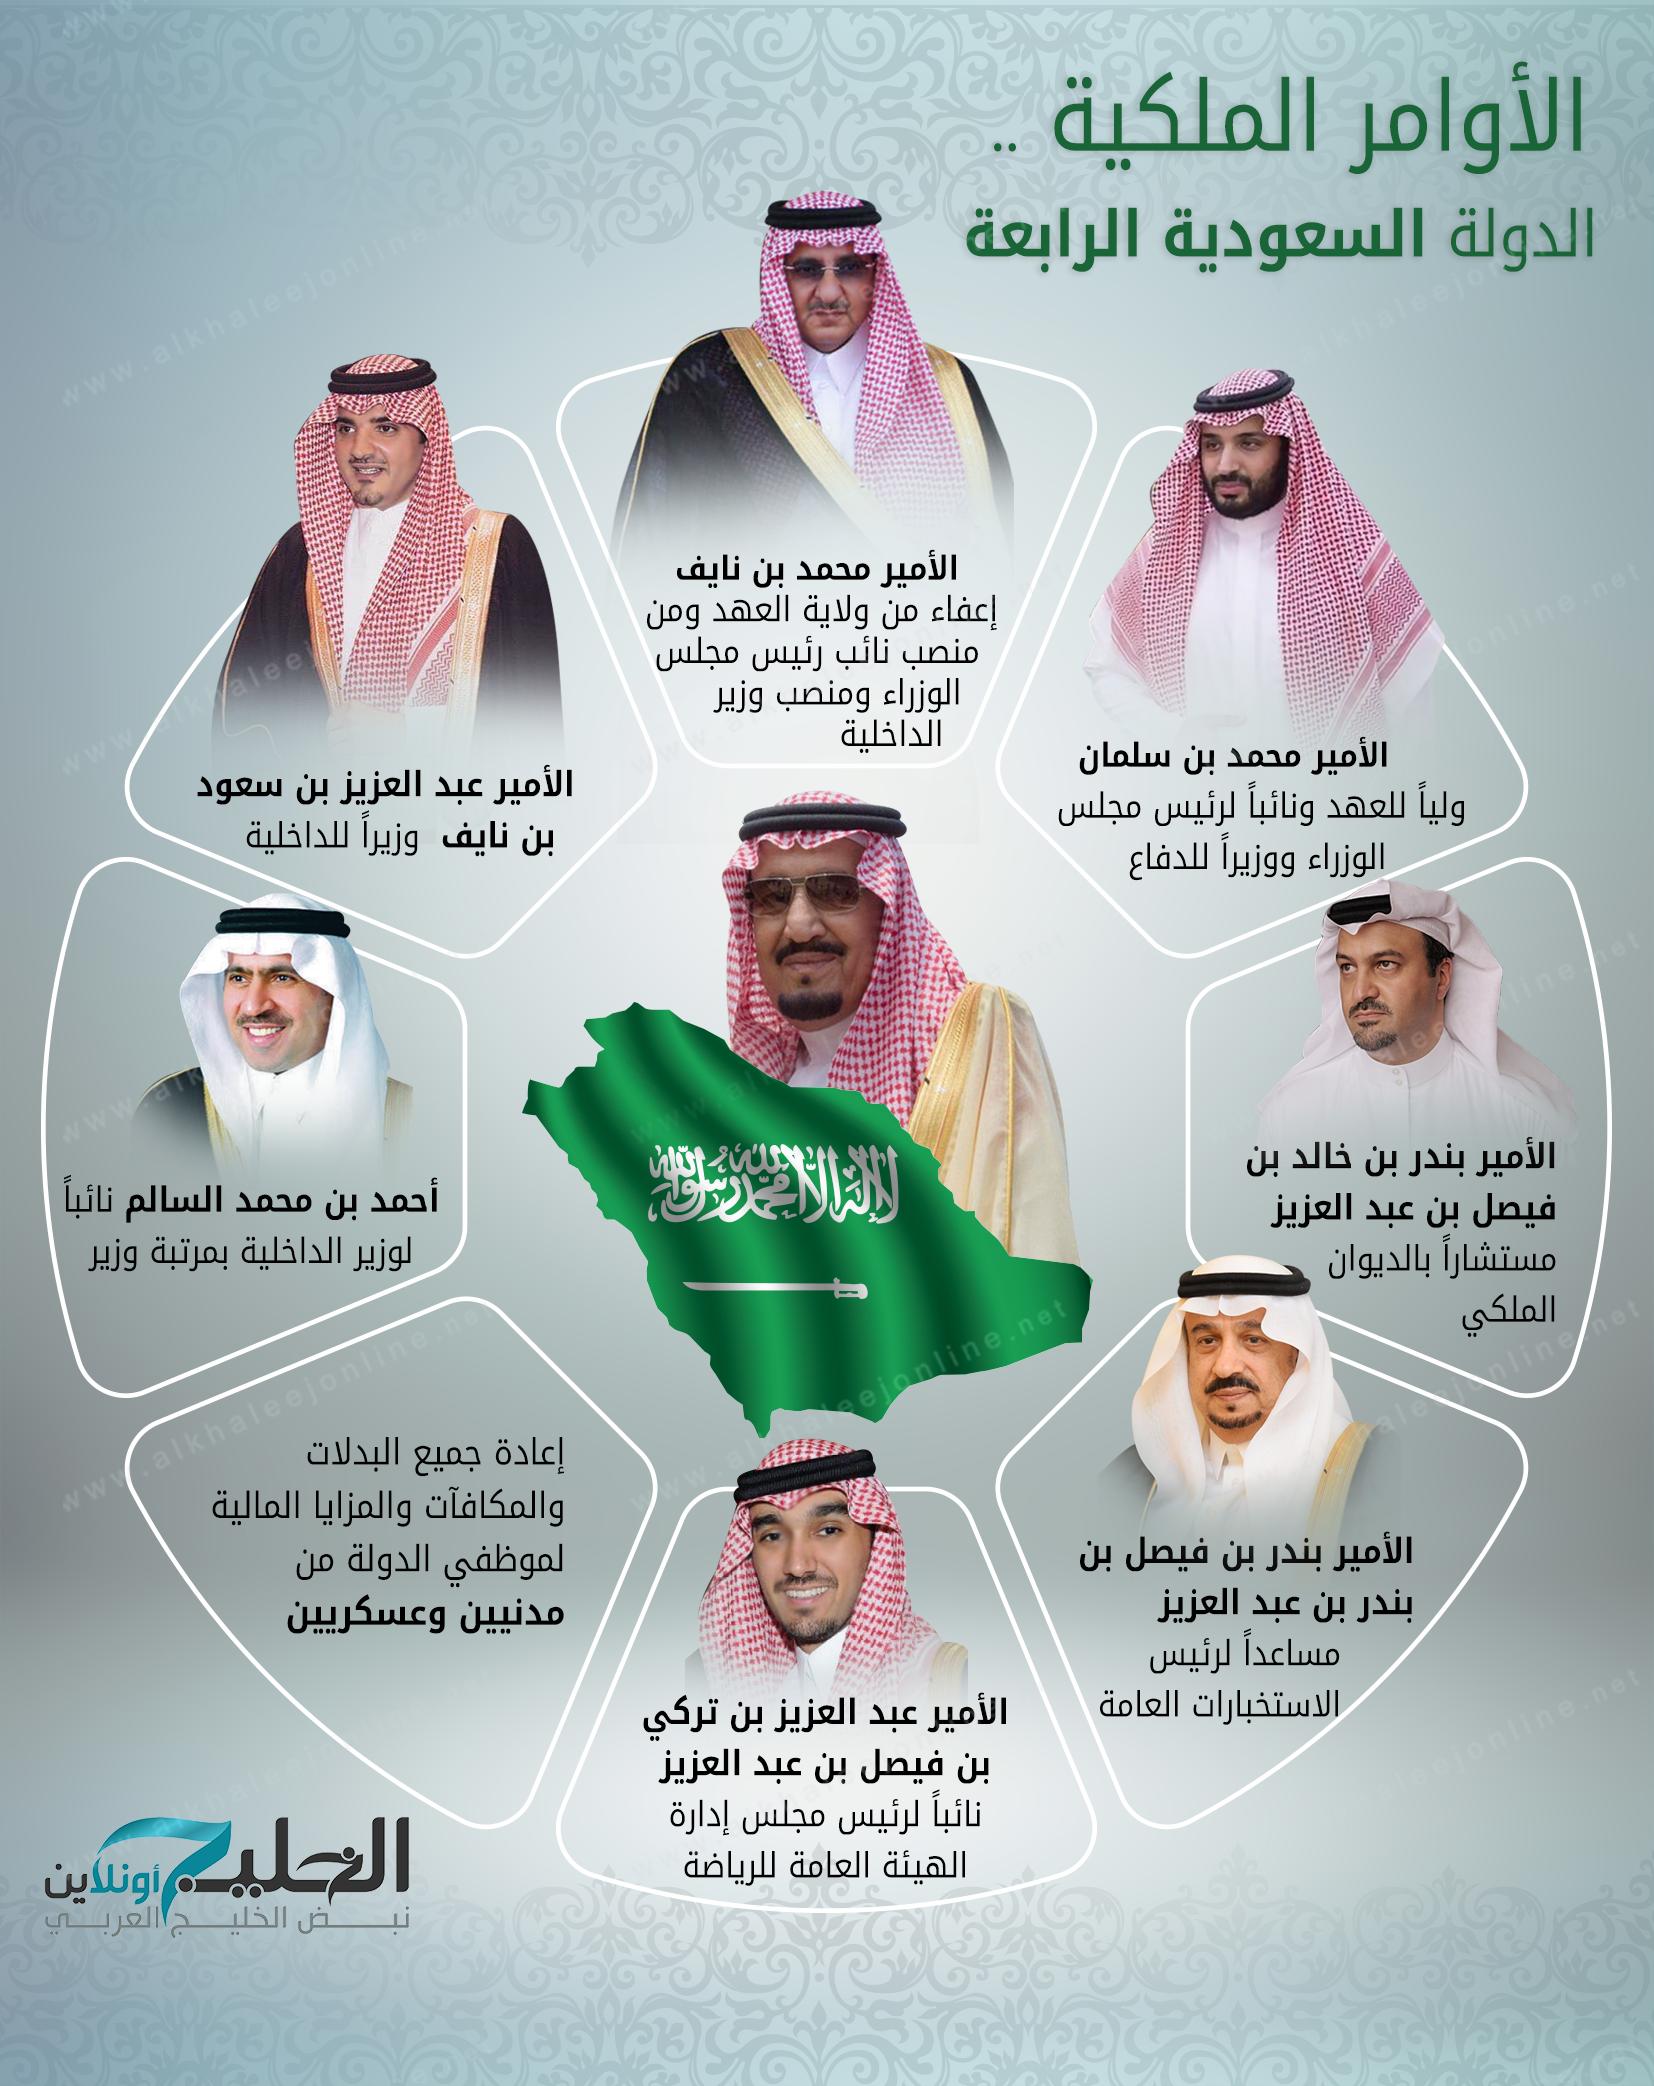 انفوجرافيك السعودية الدولة الرابعة